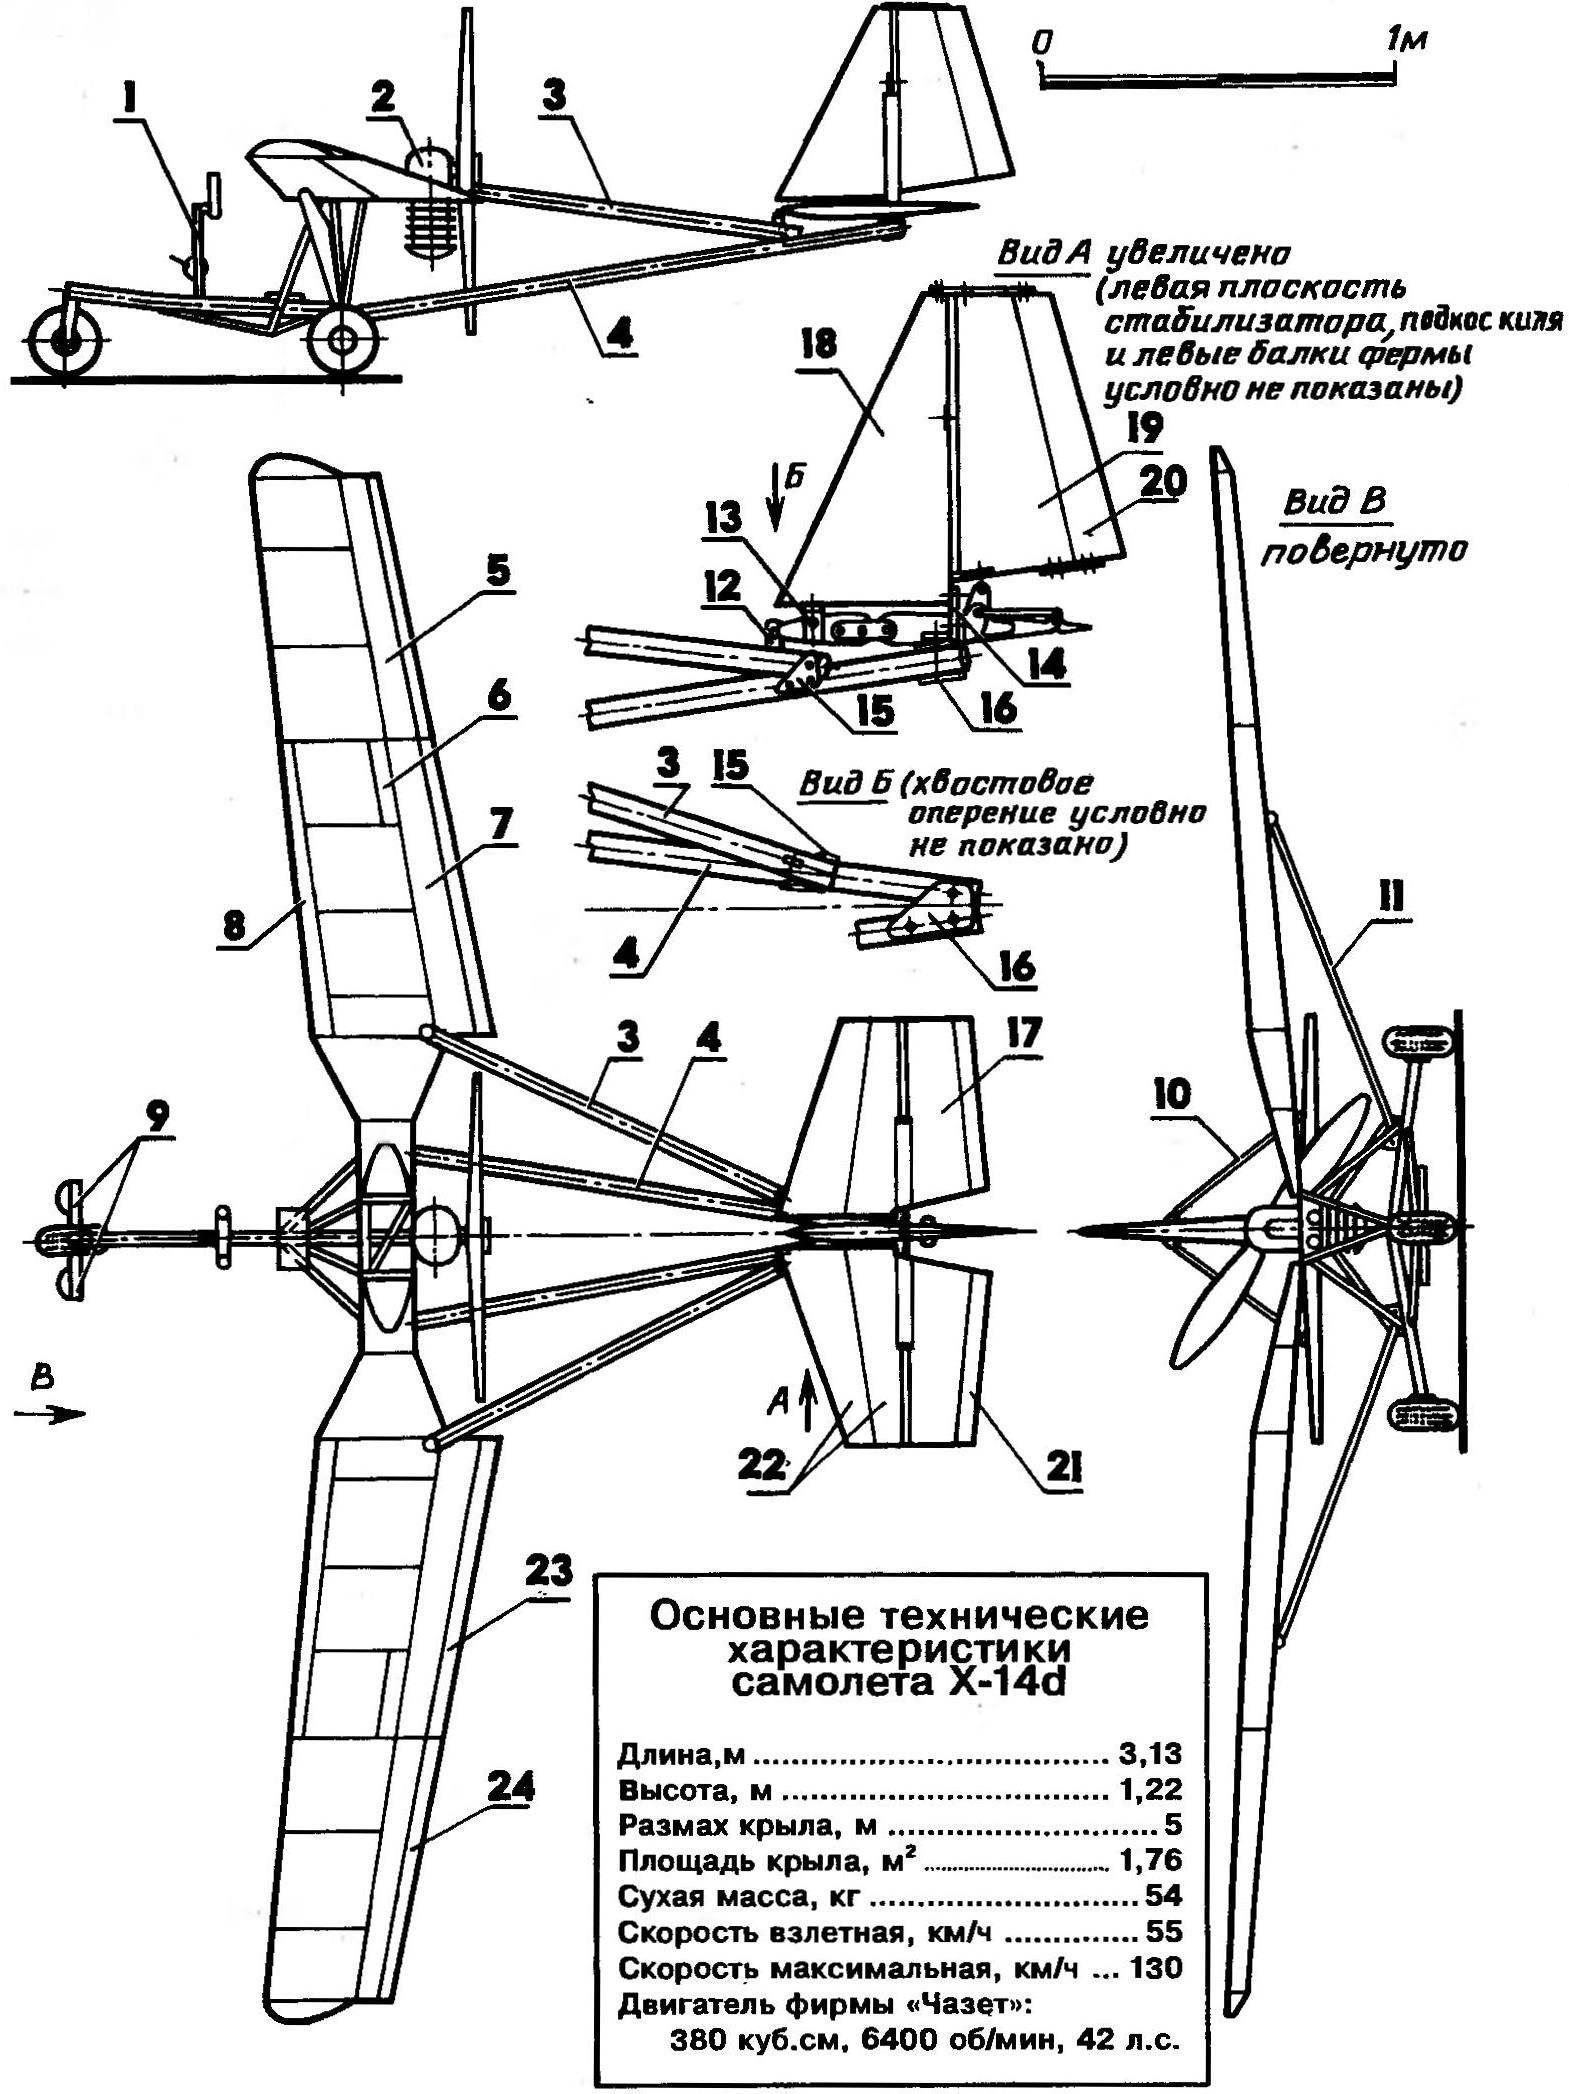 Самолет Х-14d